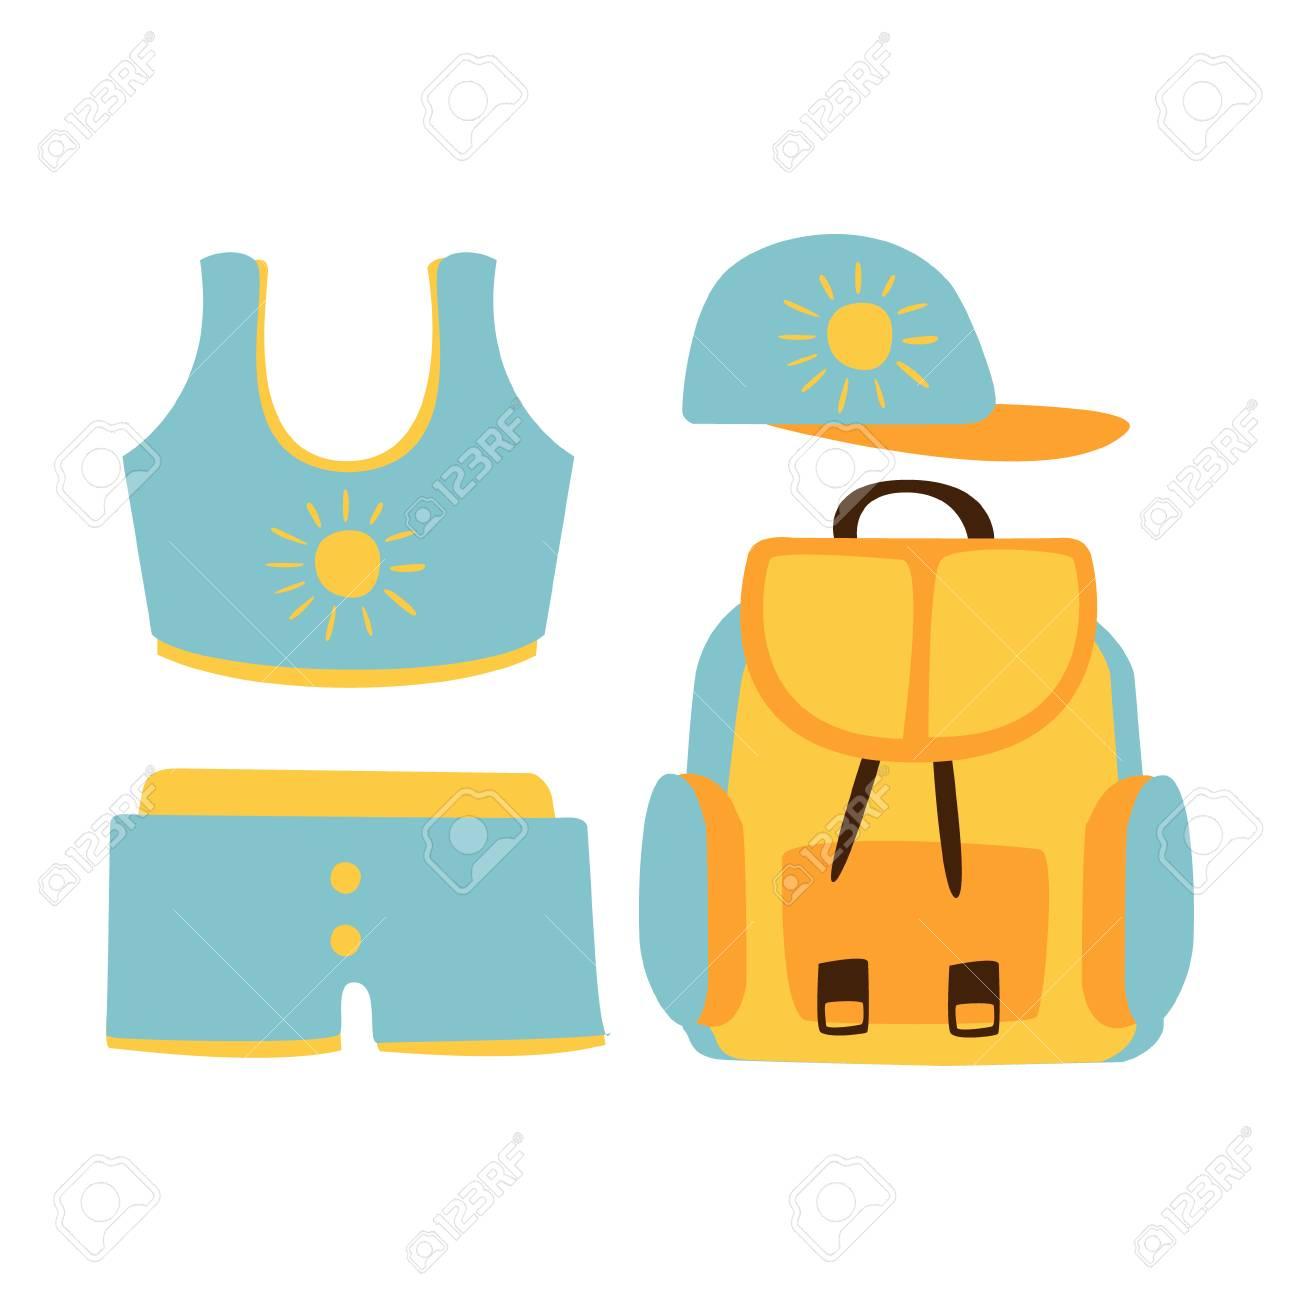 Banque d\u0027images , Shorts, haut, casquette, sac à dos, accessoires de plage  pour femmes en couleurs bleu clair Vacances à la plage. Illustration de  dessin